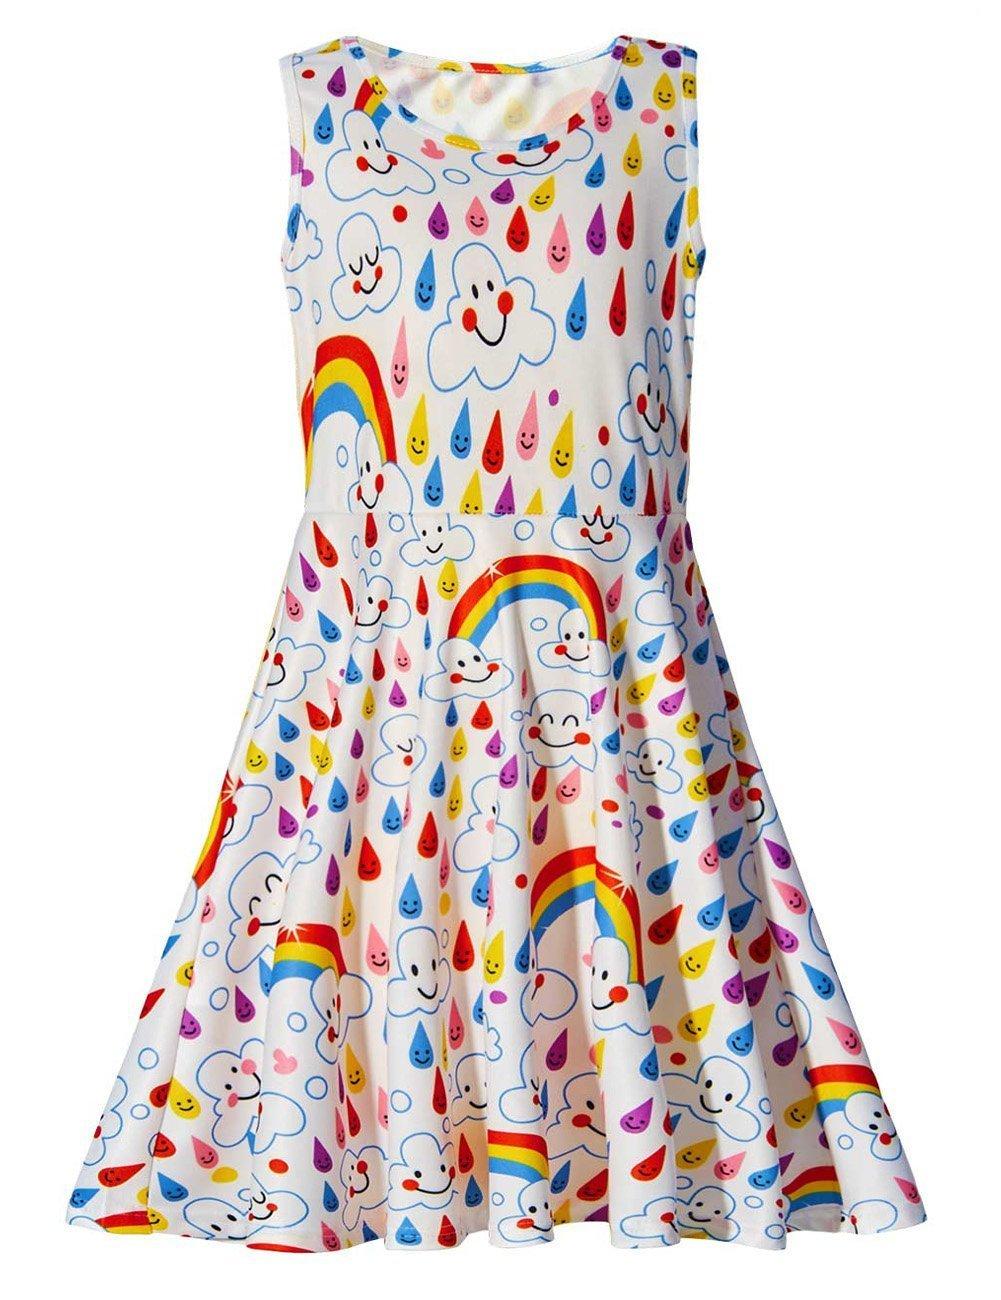 Uideazone Girls Rainbow and Emoji Sleeveless Dress Summer Maxi Dress 6-7 Years